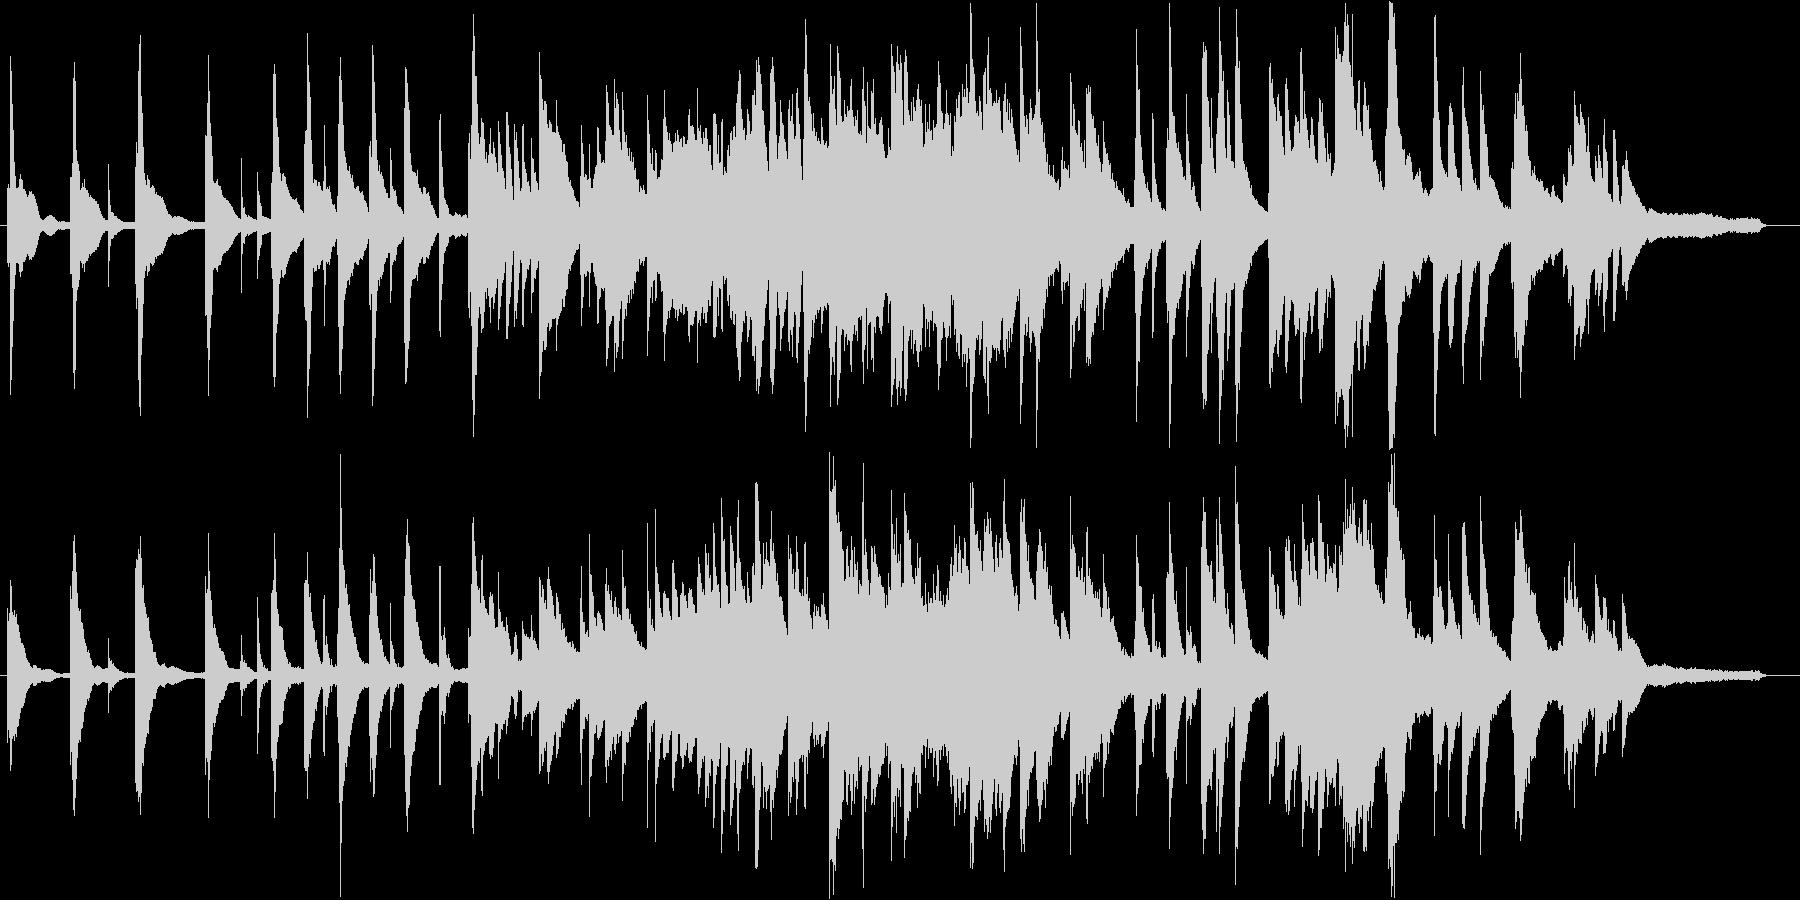 残響のような美しい高音が特徴のピアノ曲の未再生の波形